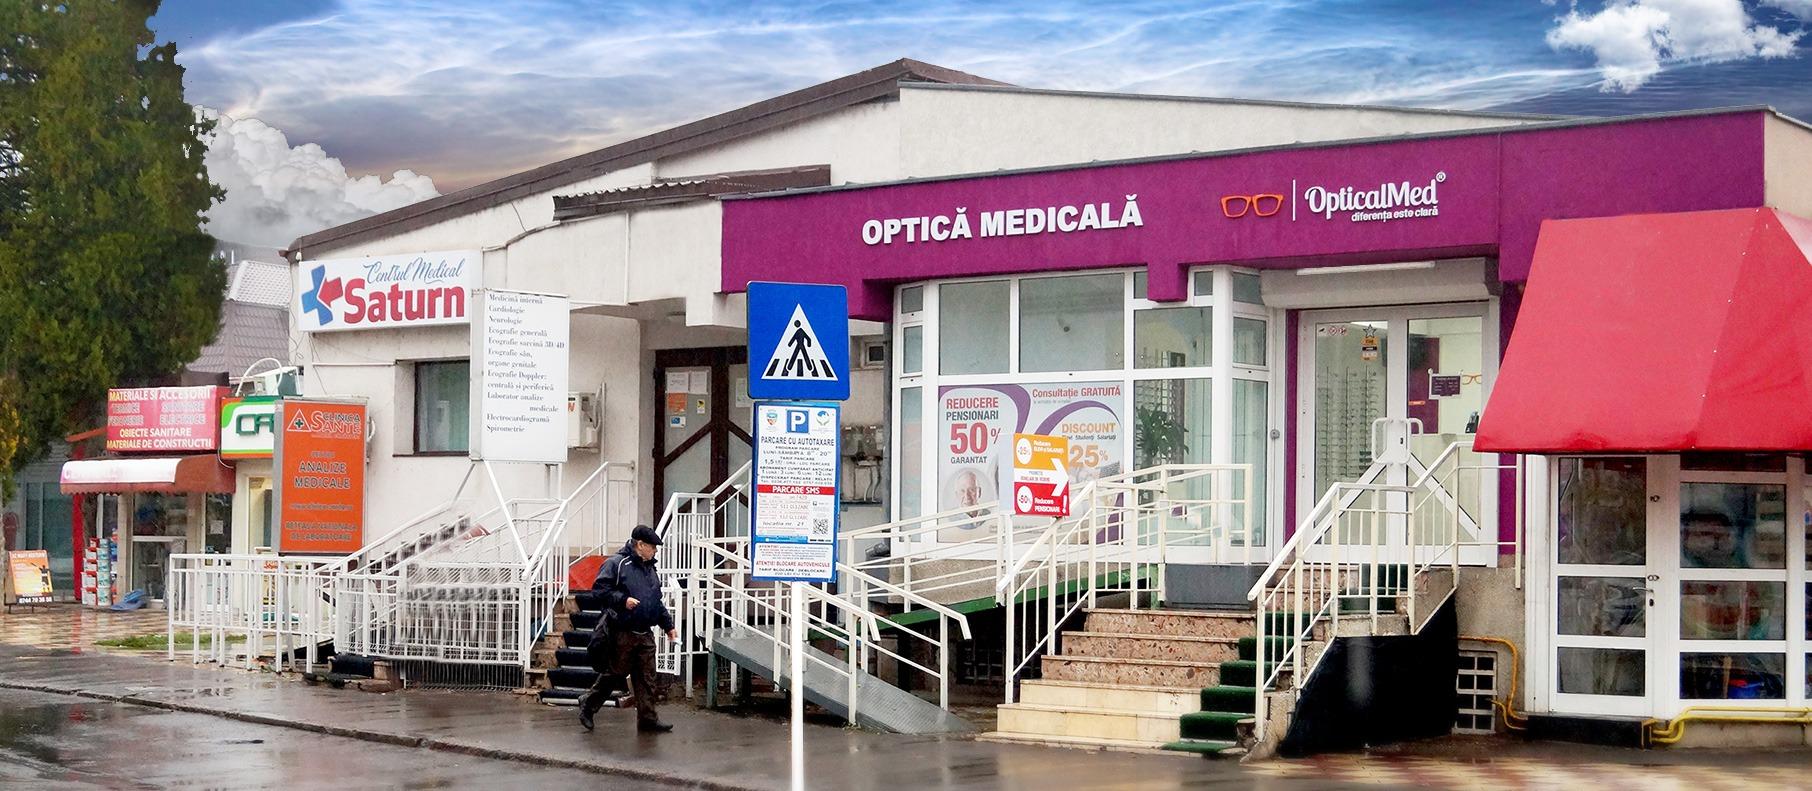 OpticalMed ⦿ Optică medicală Galați